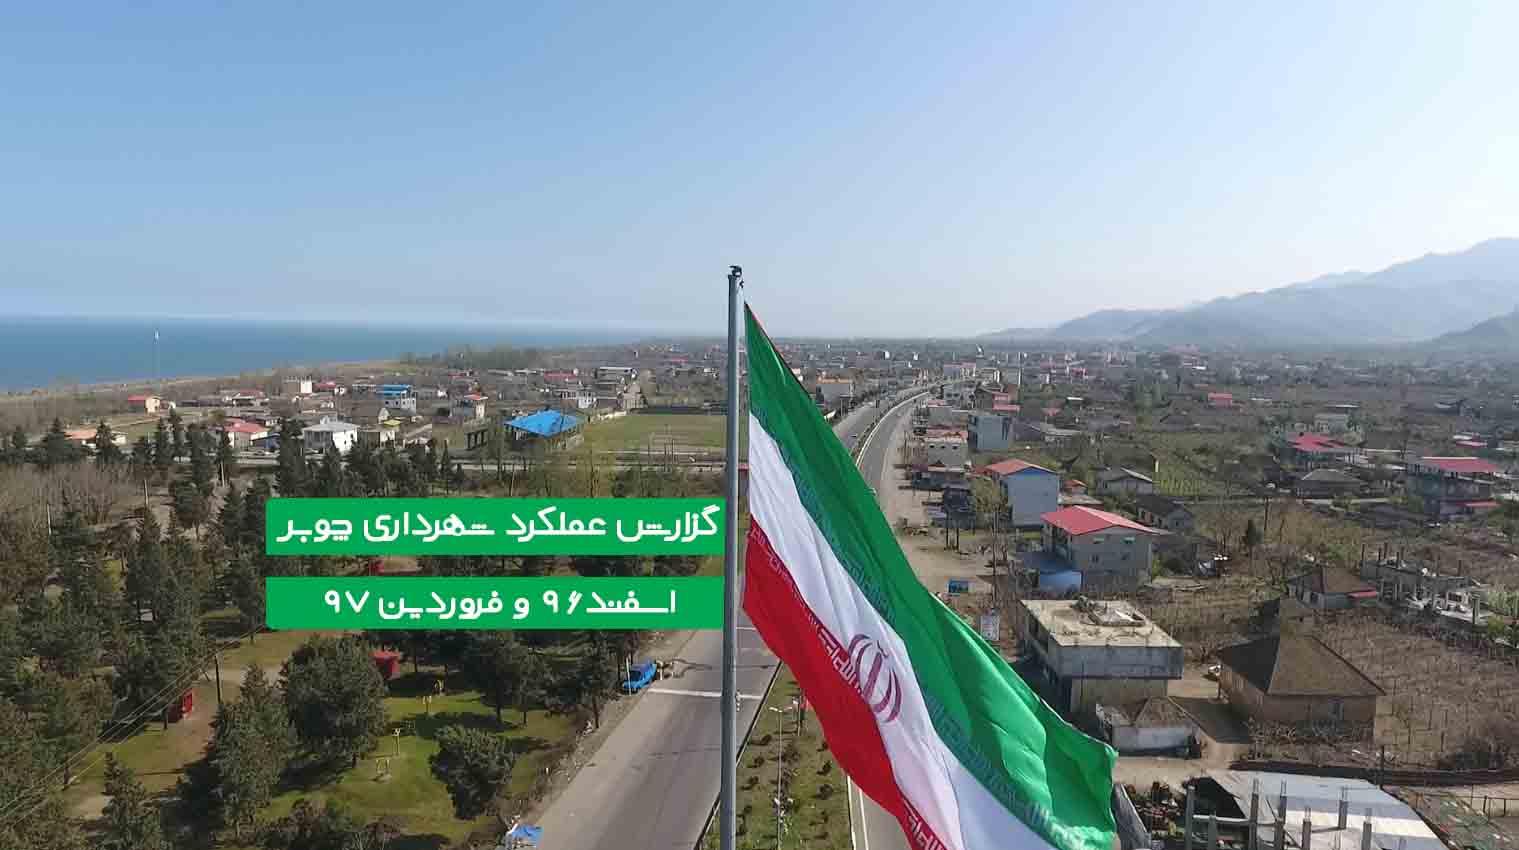 گزارش عملکرد شهرداری اسفند ۹۶ و فروردین ۹۷